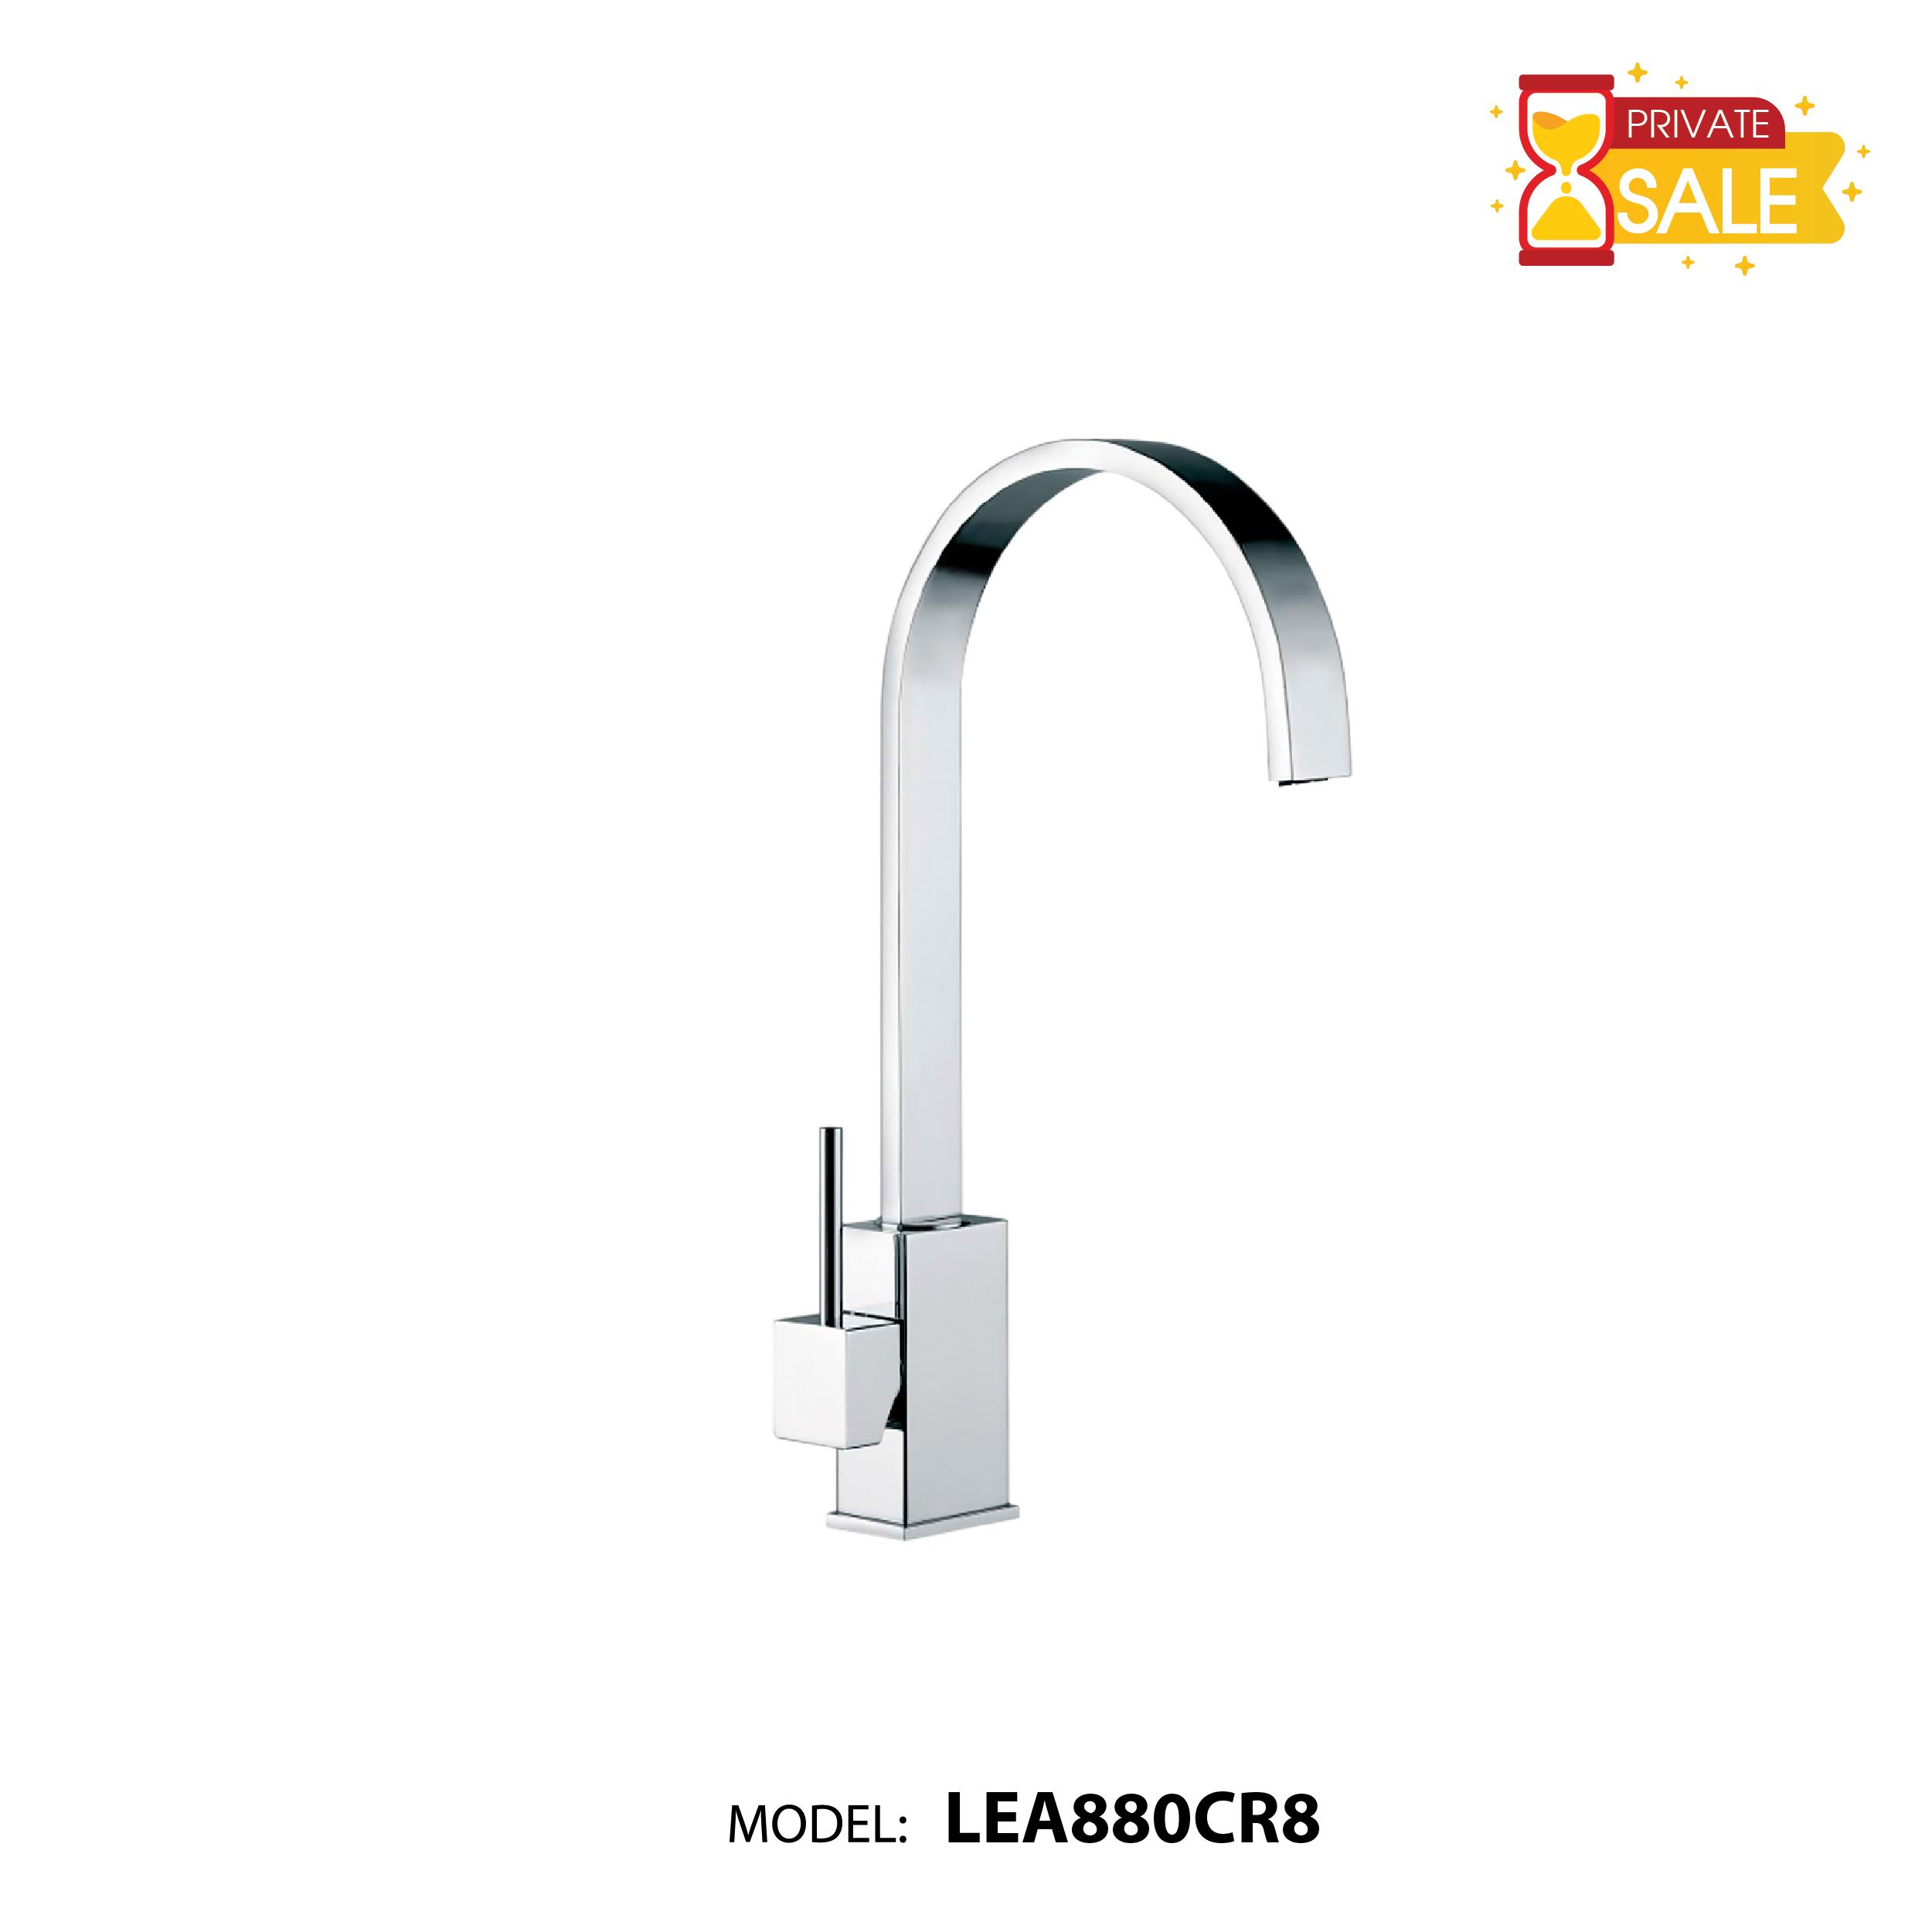 VÒI CHẬU NÓNG LẠNH PAFFONI LEA880CR8 (Vòi lavabo model: LEA880CR8)